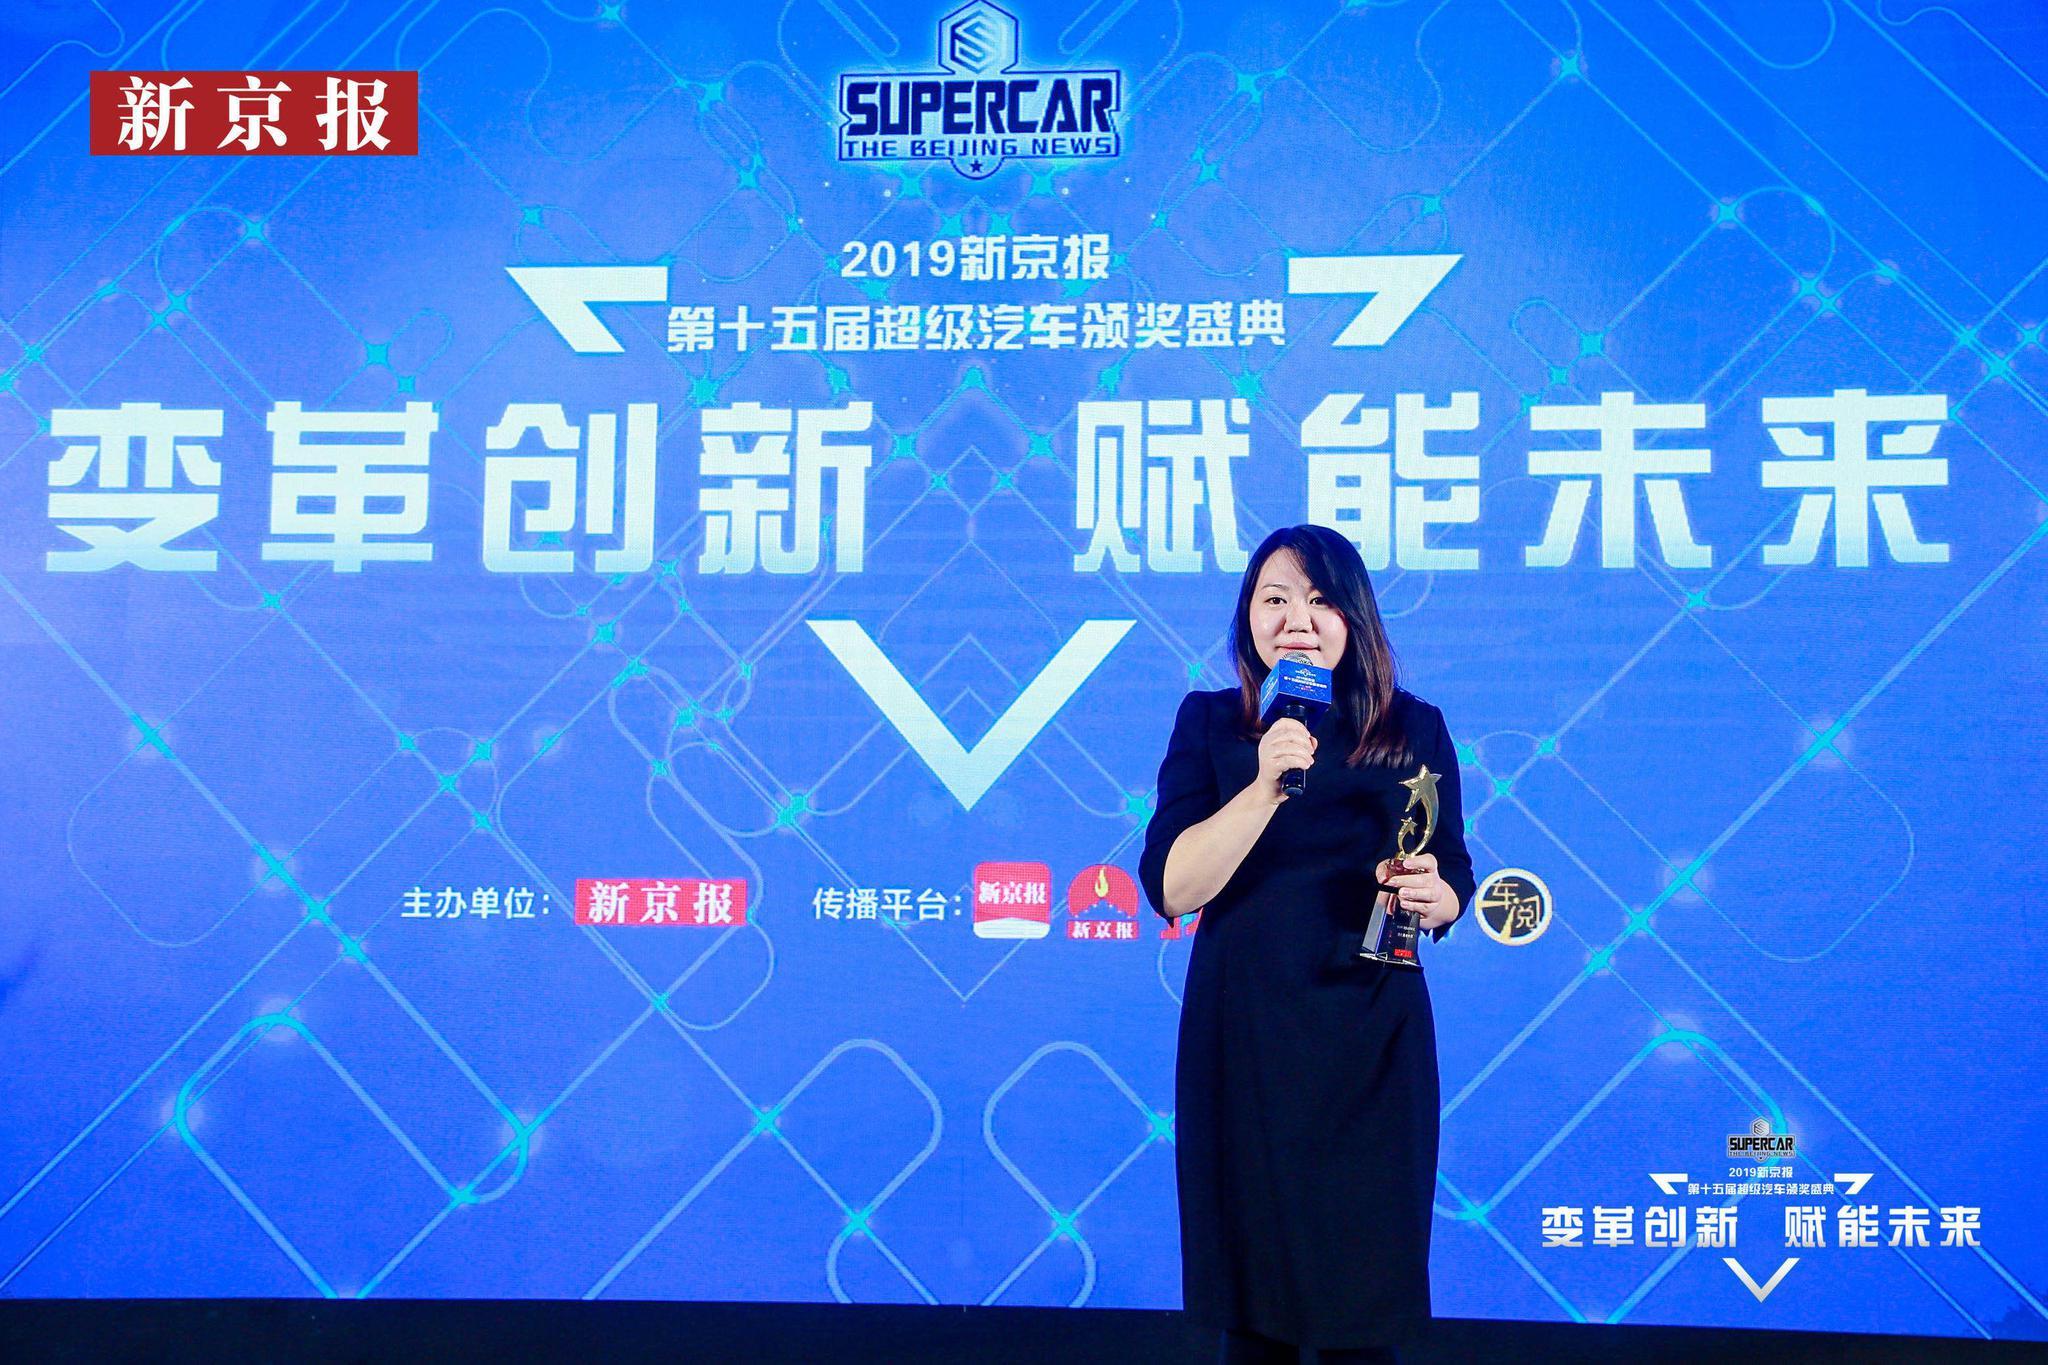 捷豹路虎中国荣获新京报第15届超级汽车杰出创新奖图片